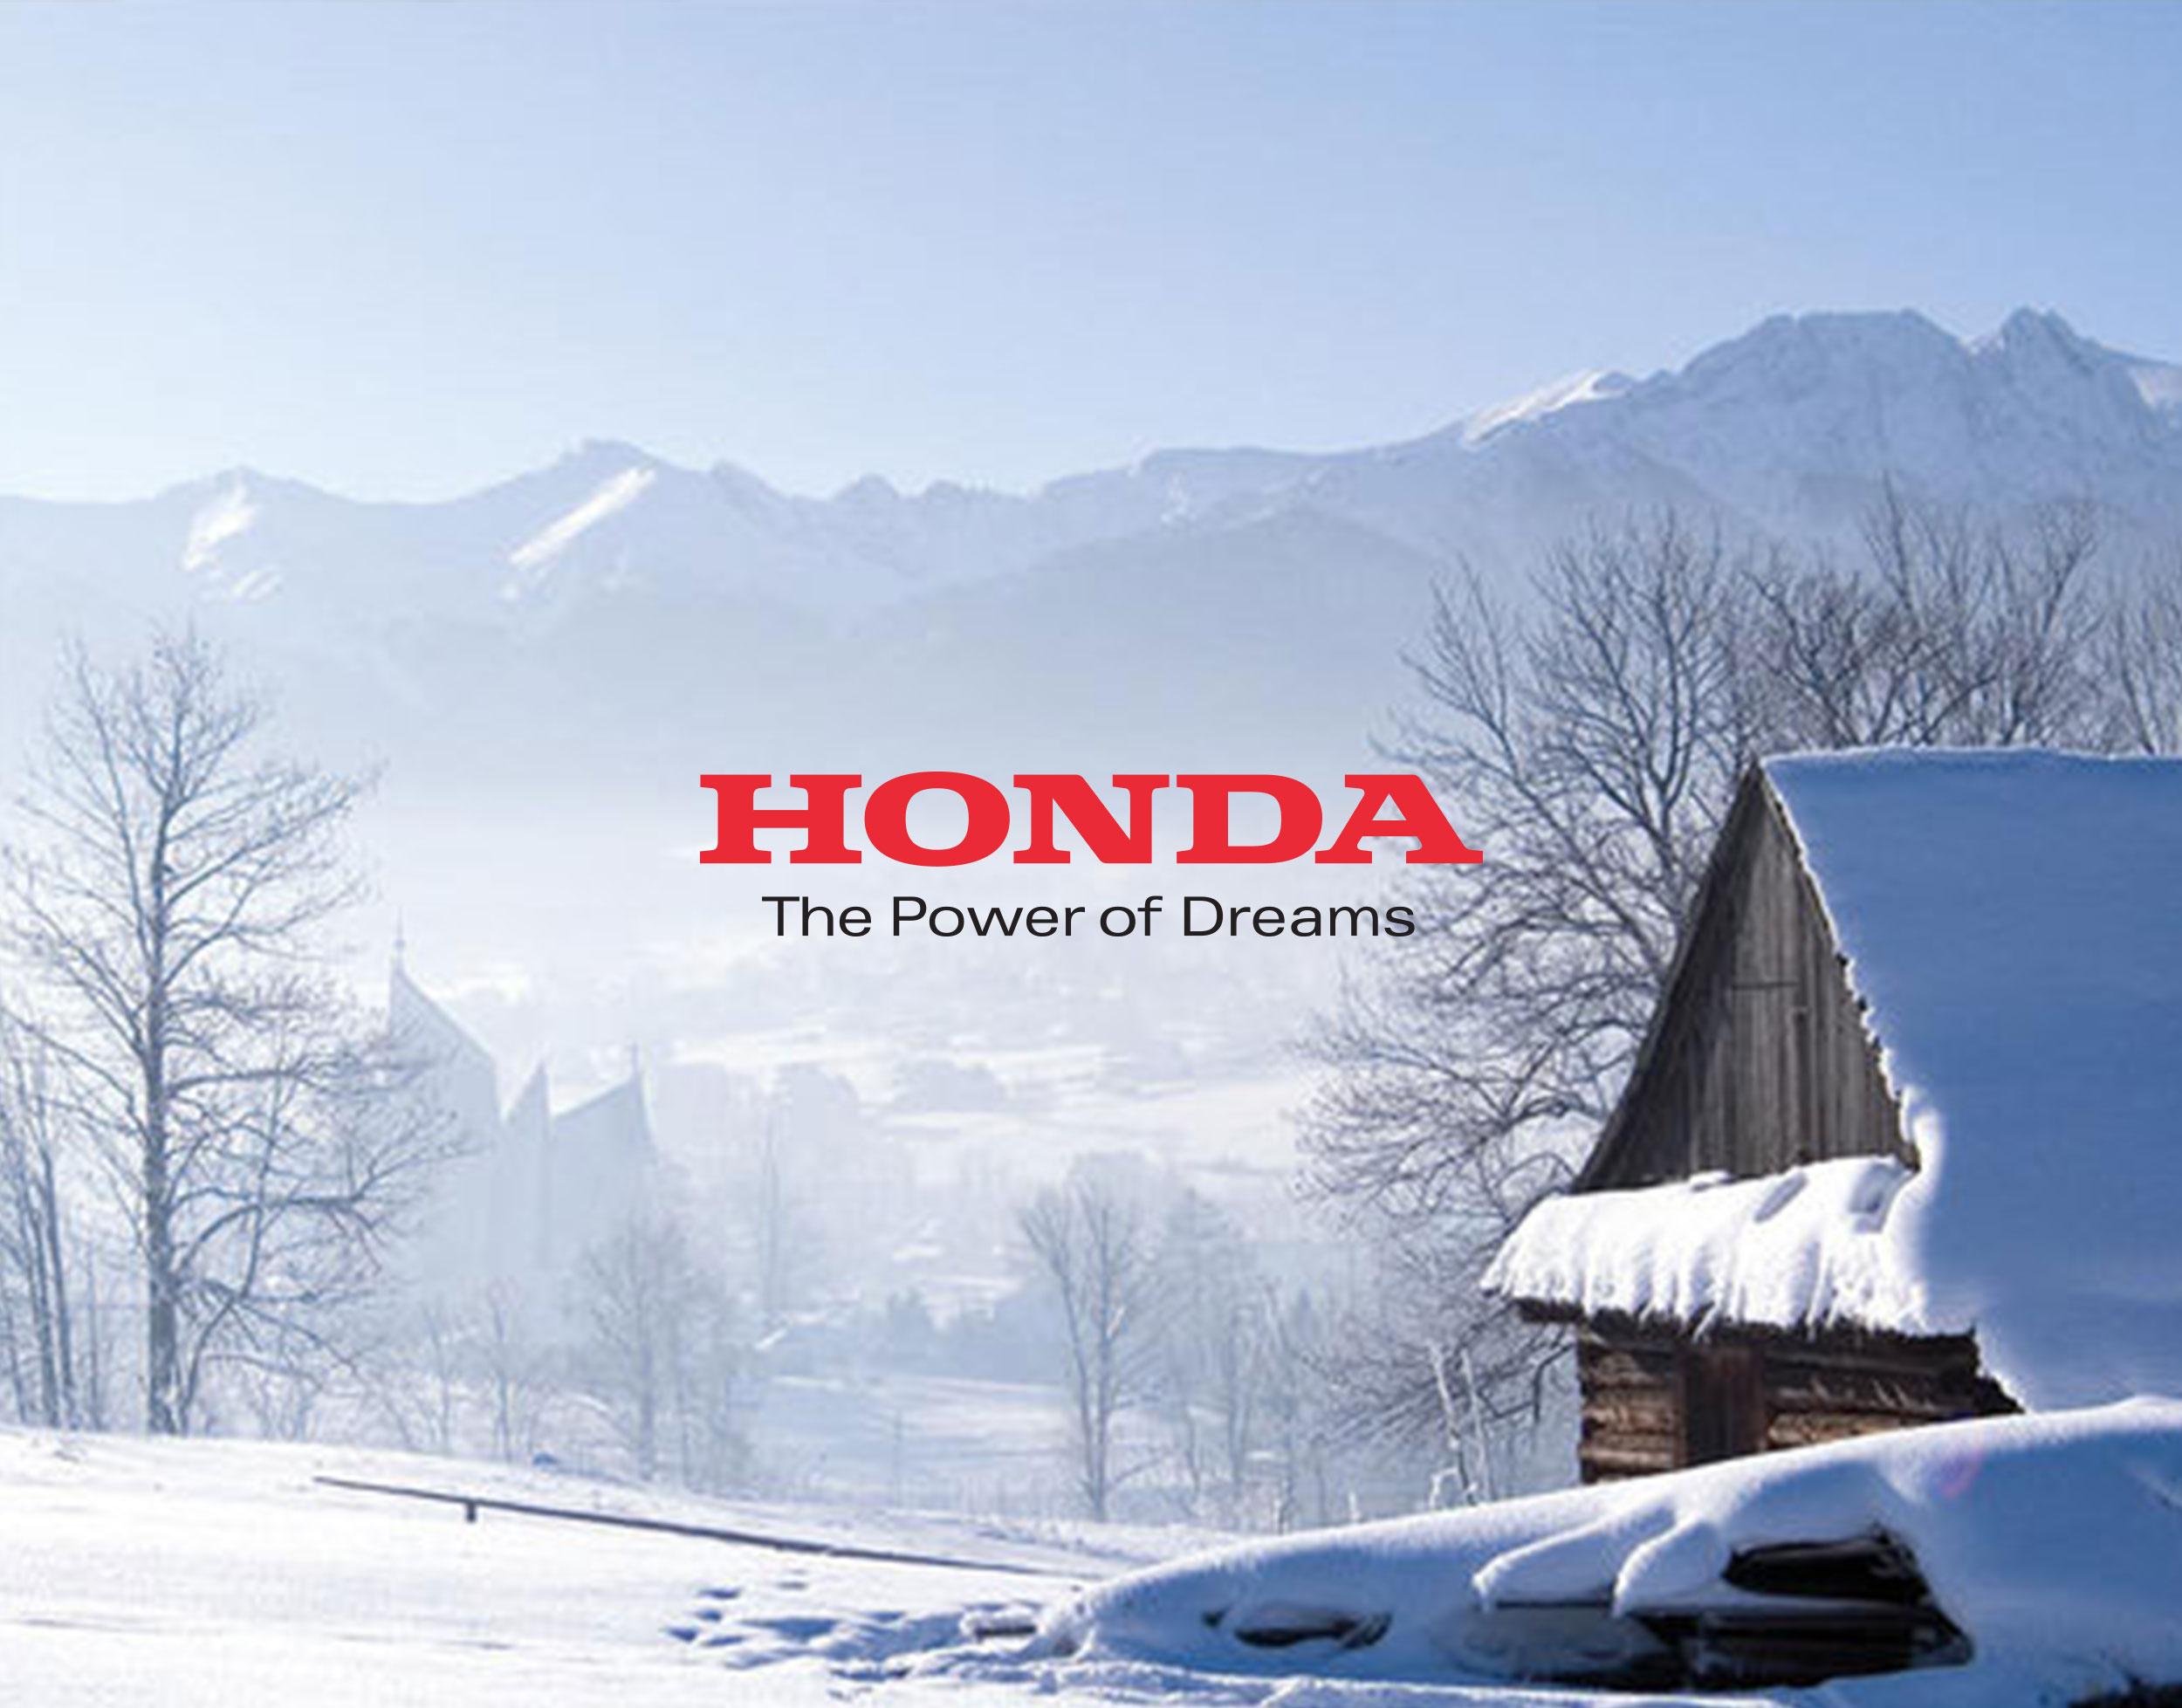 honda_thumb_2500.jpg